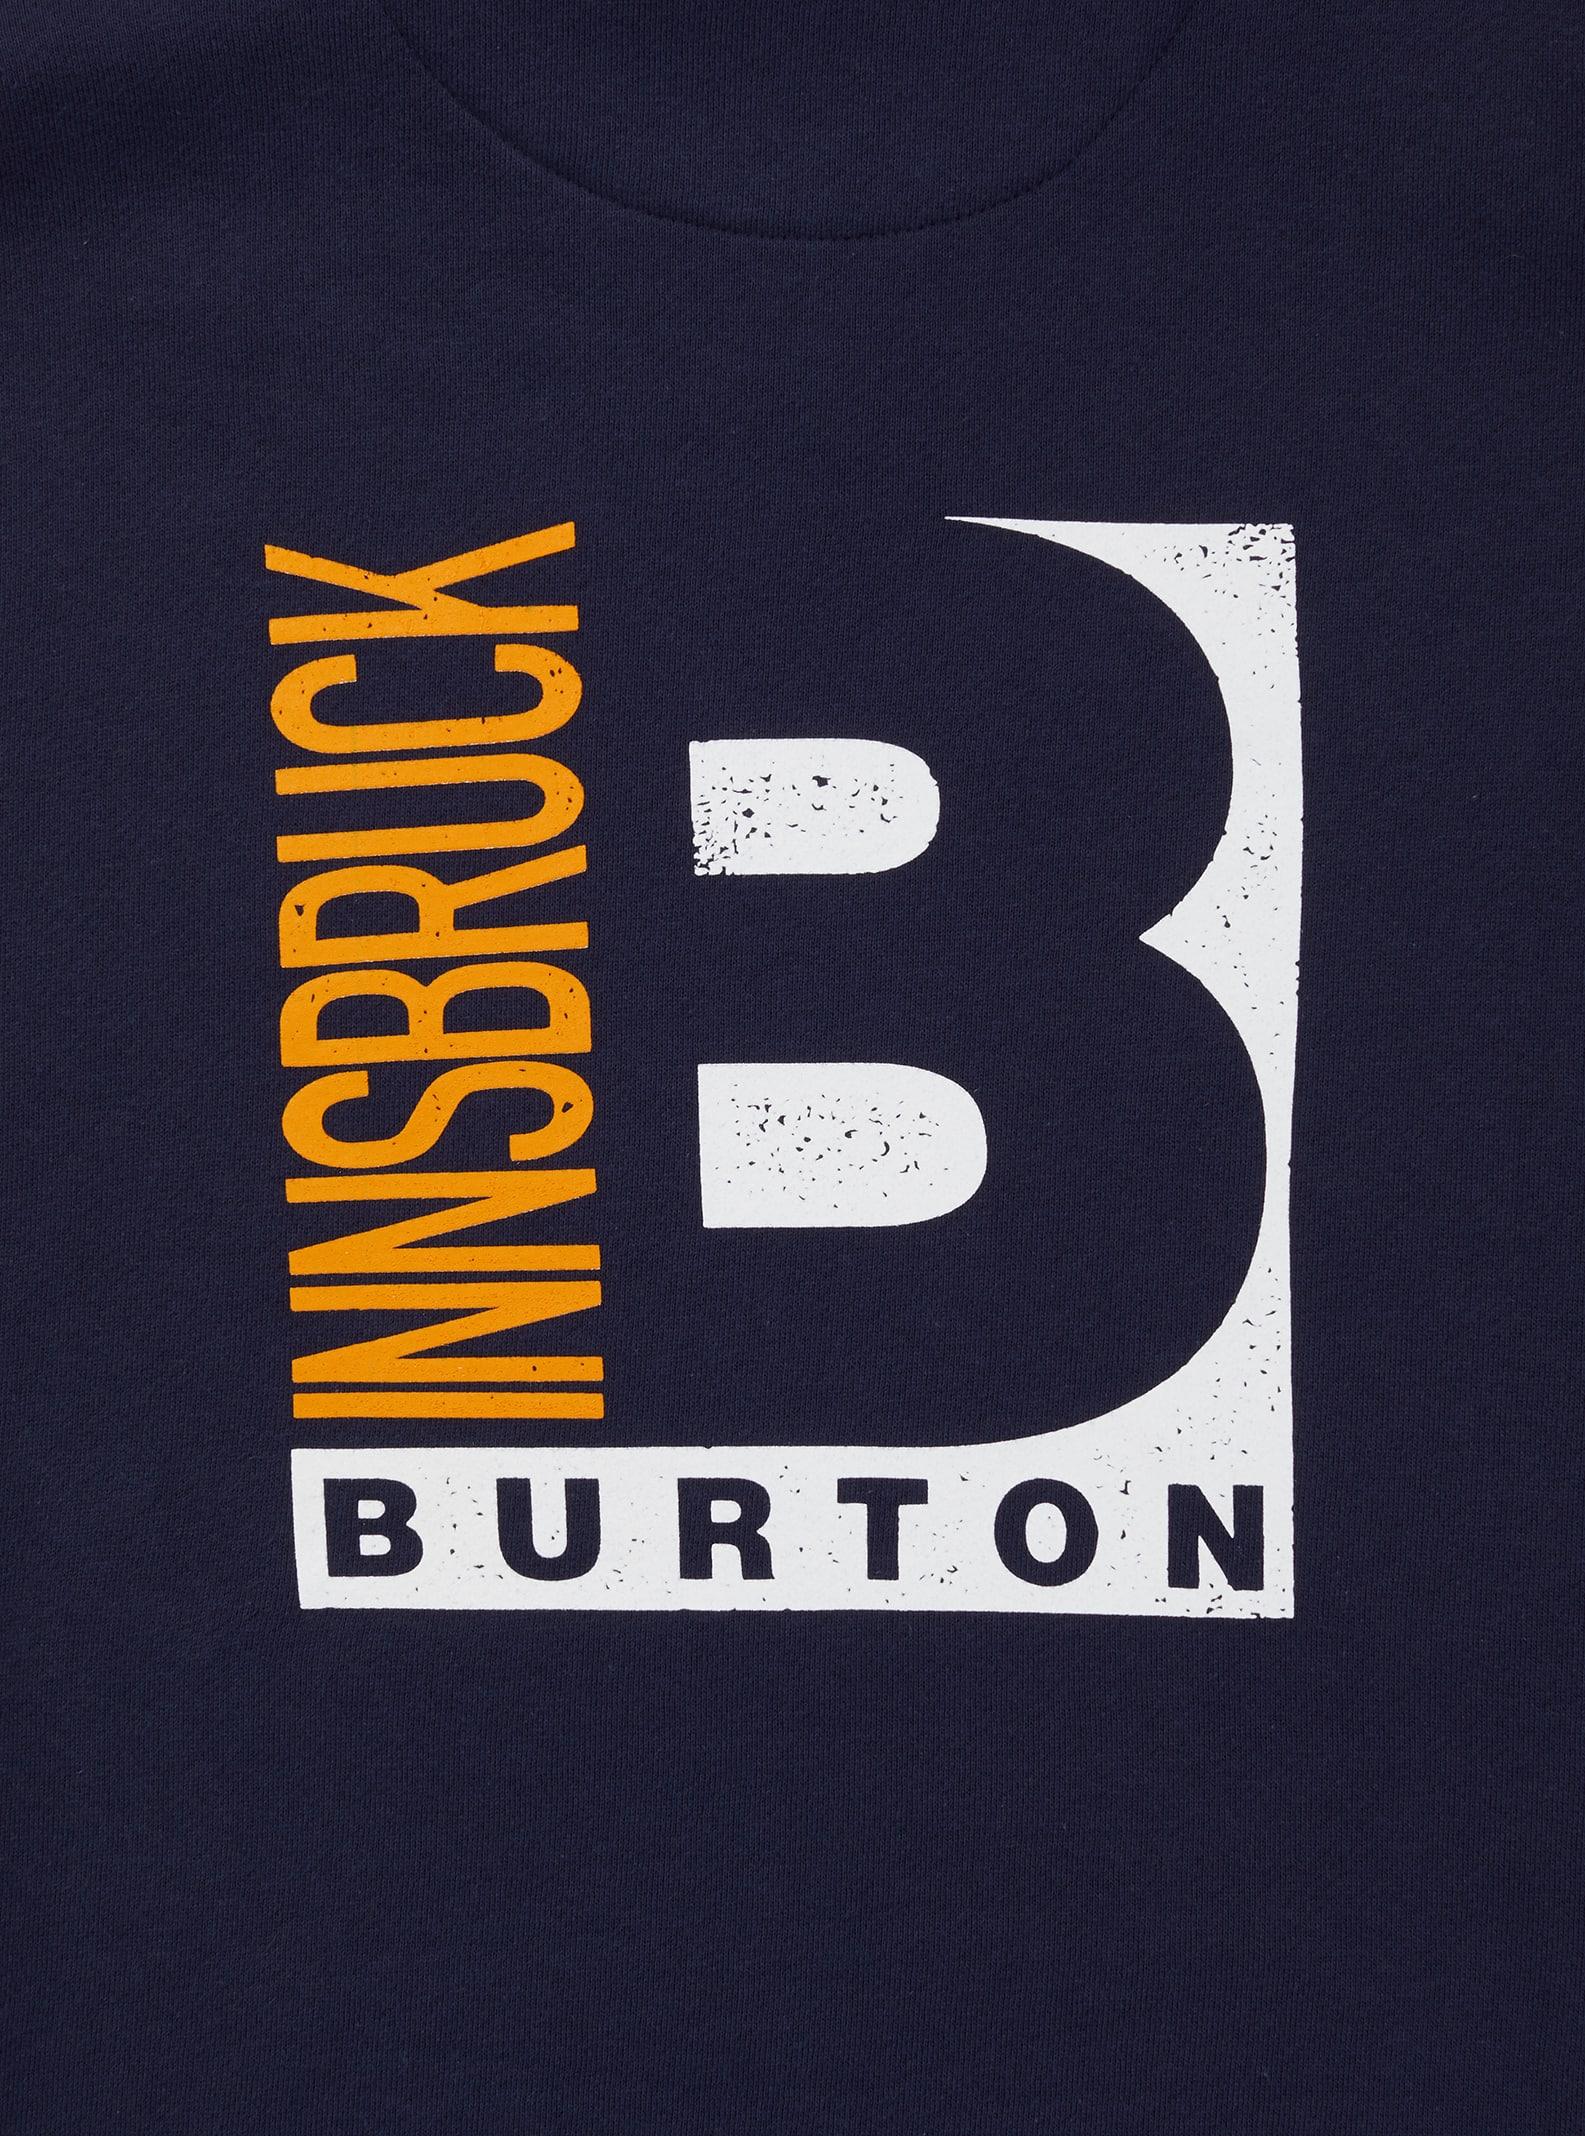 Burton Innsbruck pulloverhuvtröja, Navy, L